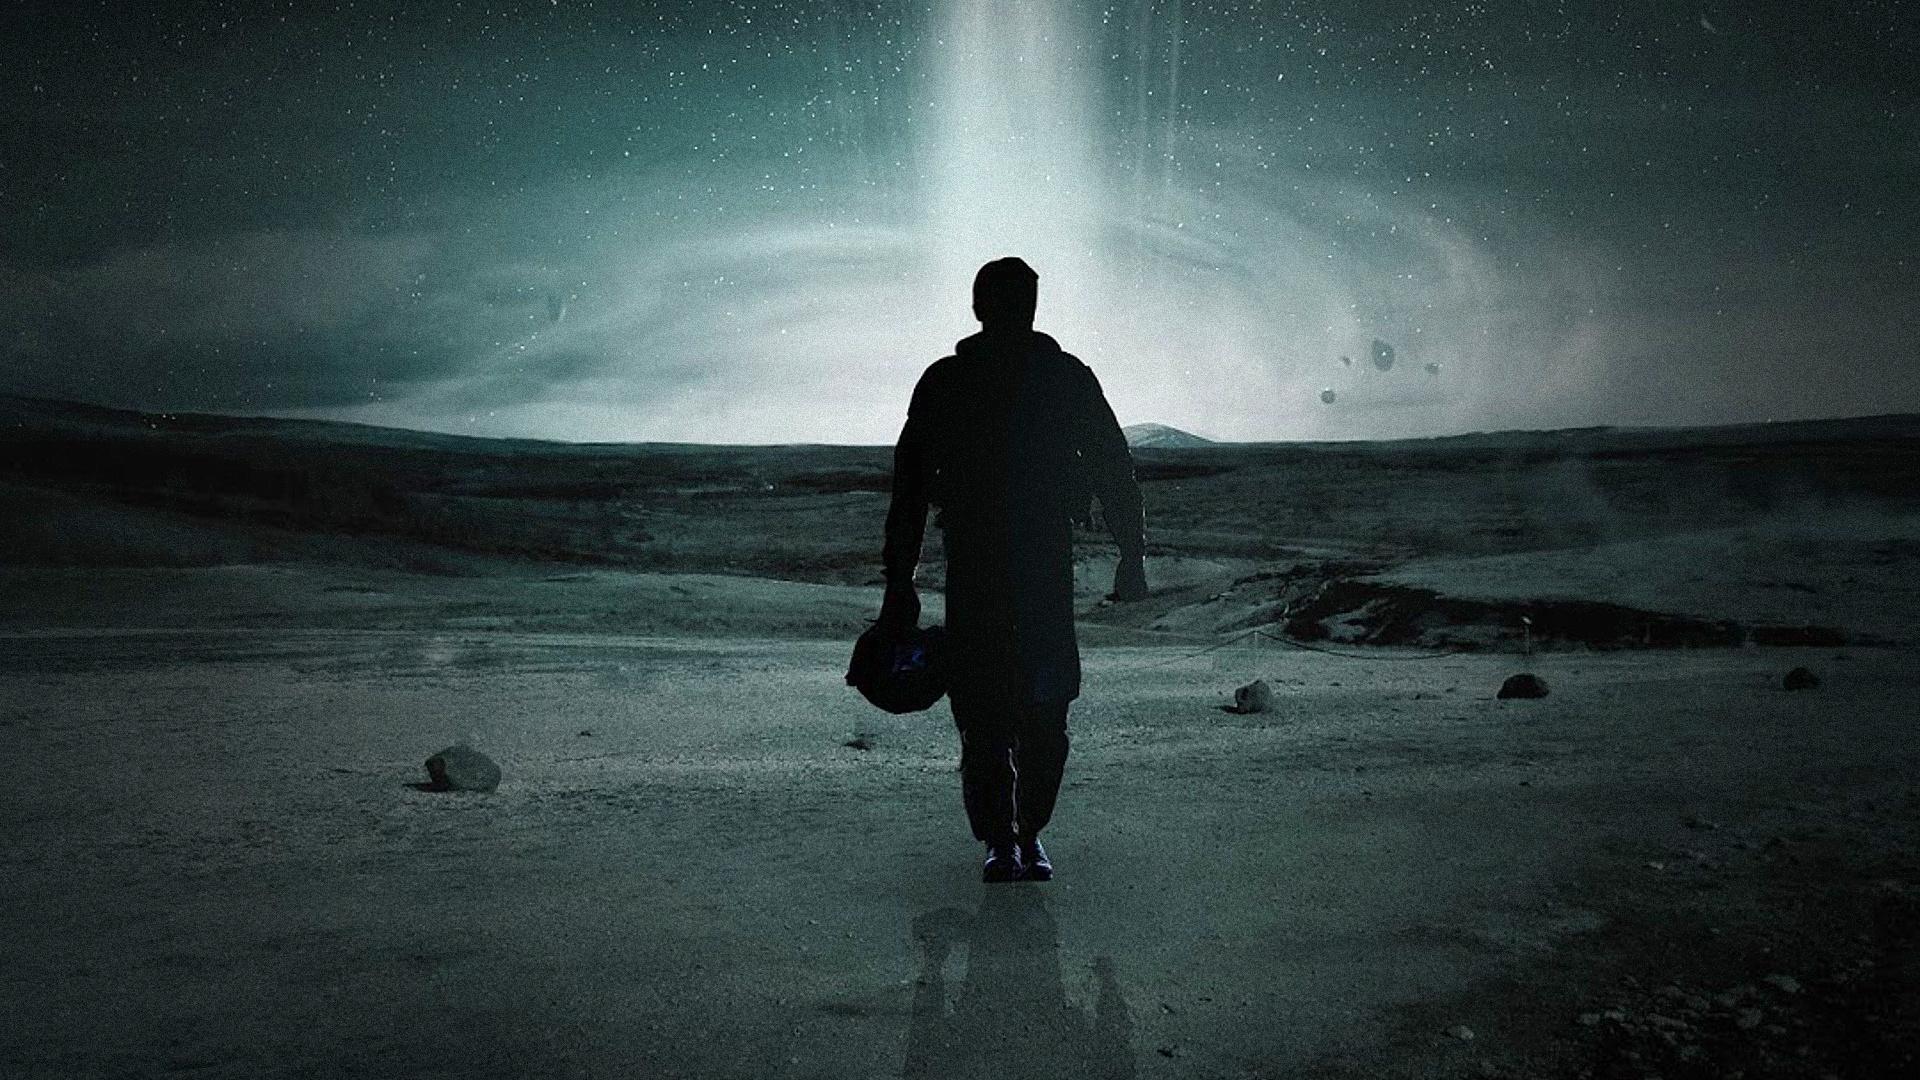 """Przed premierą: """"Interstellar"""". Co wiemy o najnowszym filmie Nolana?"""